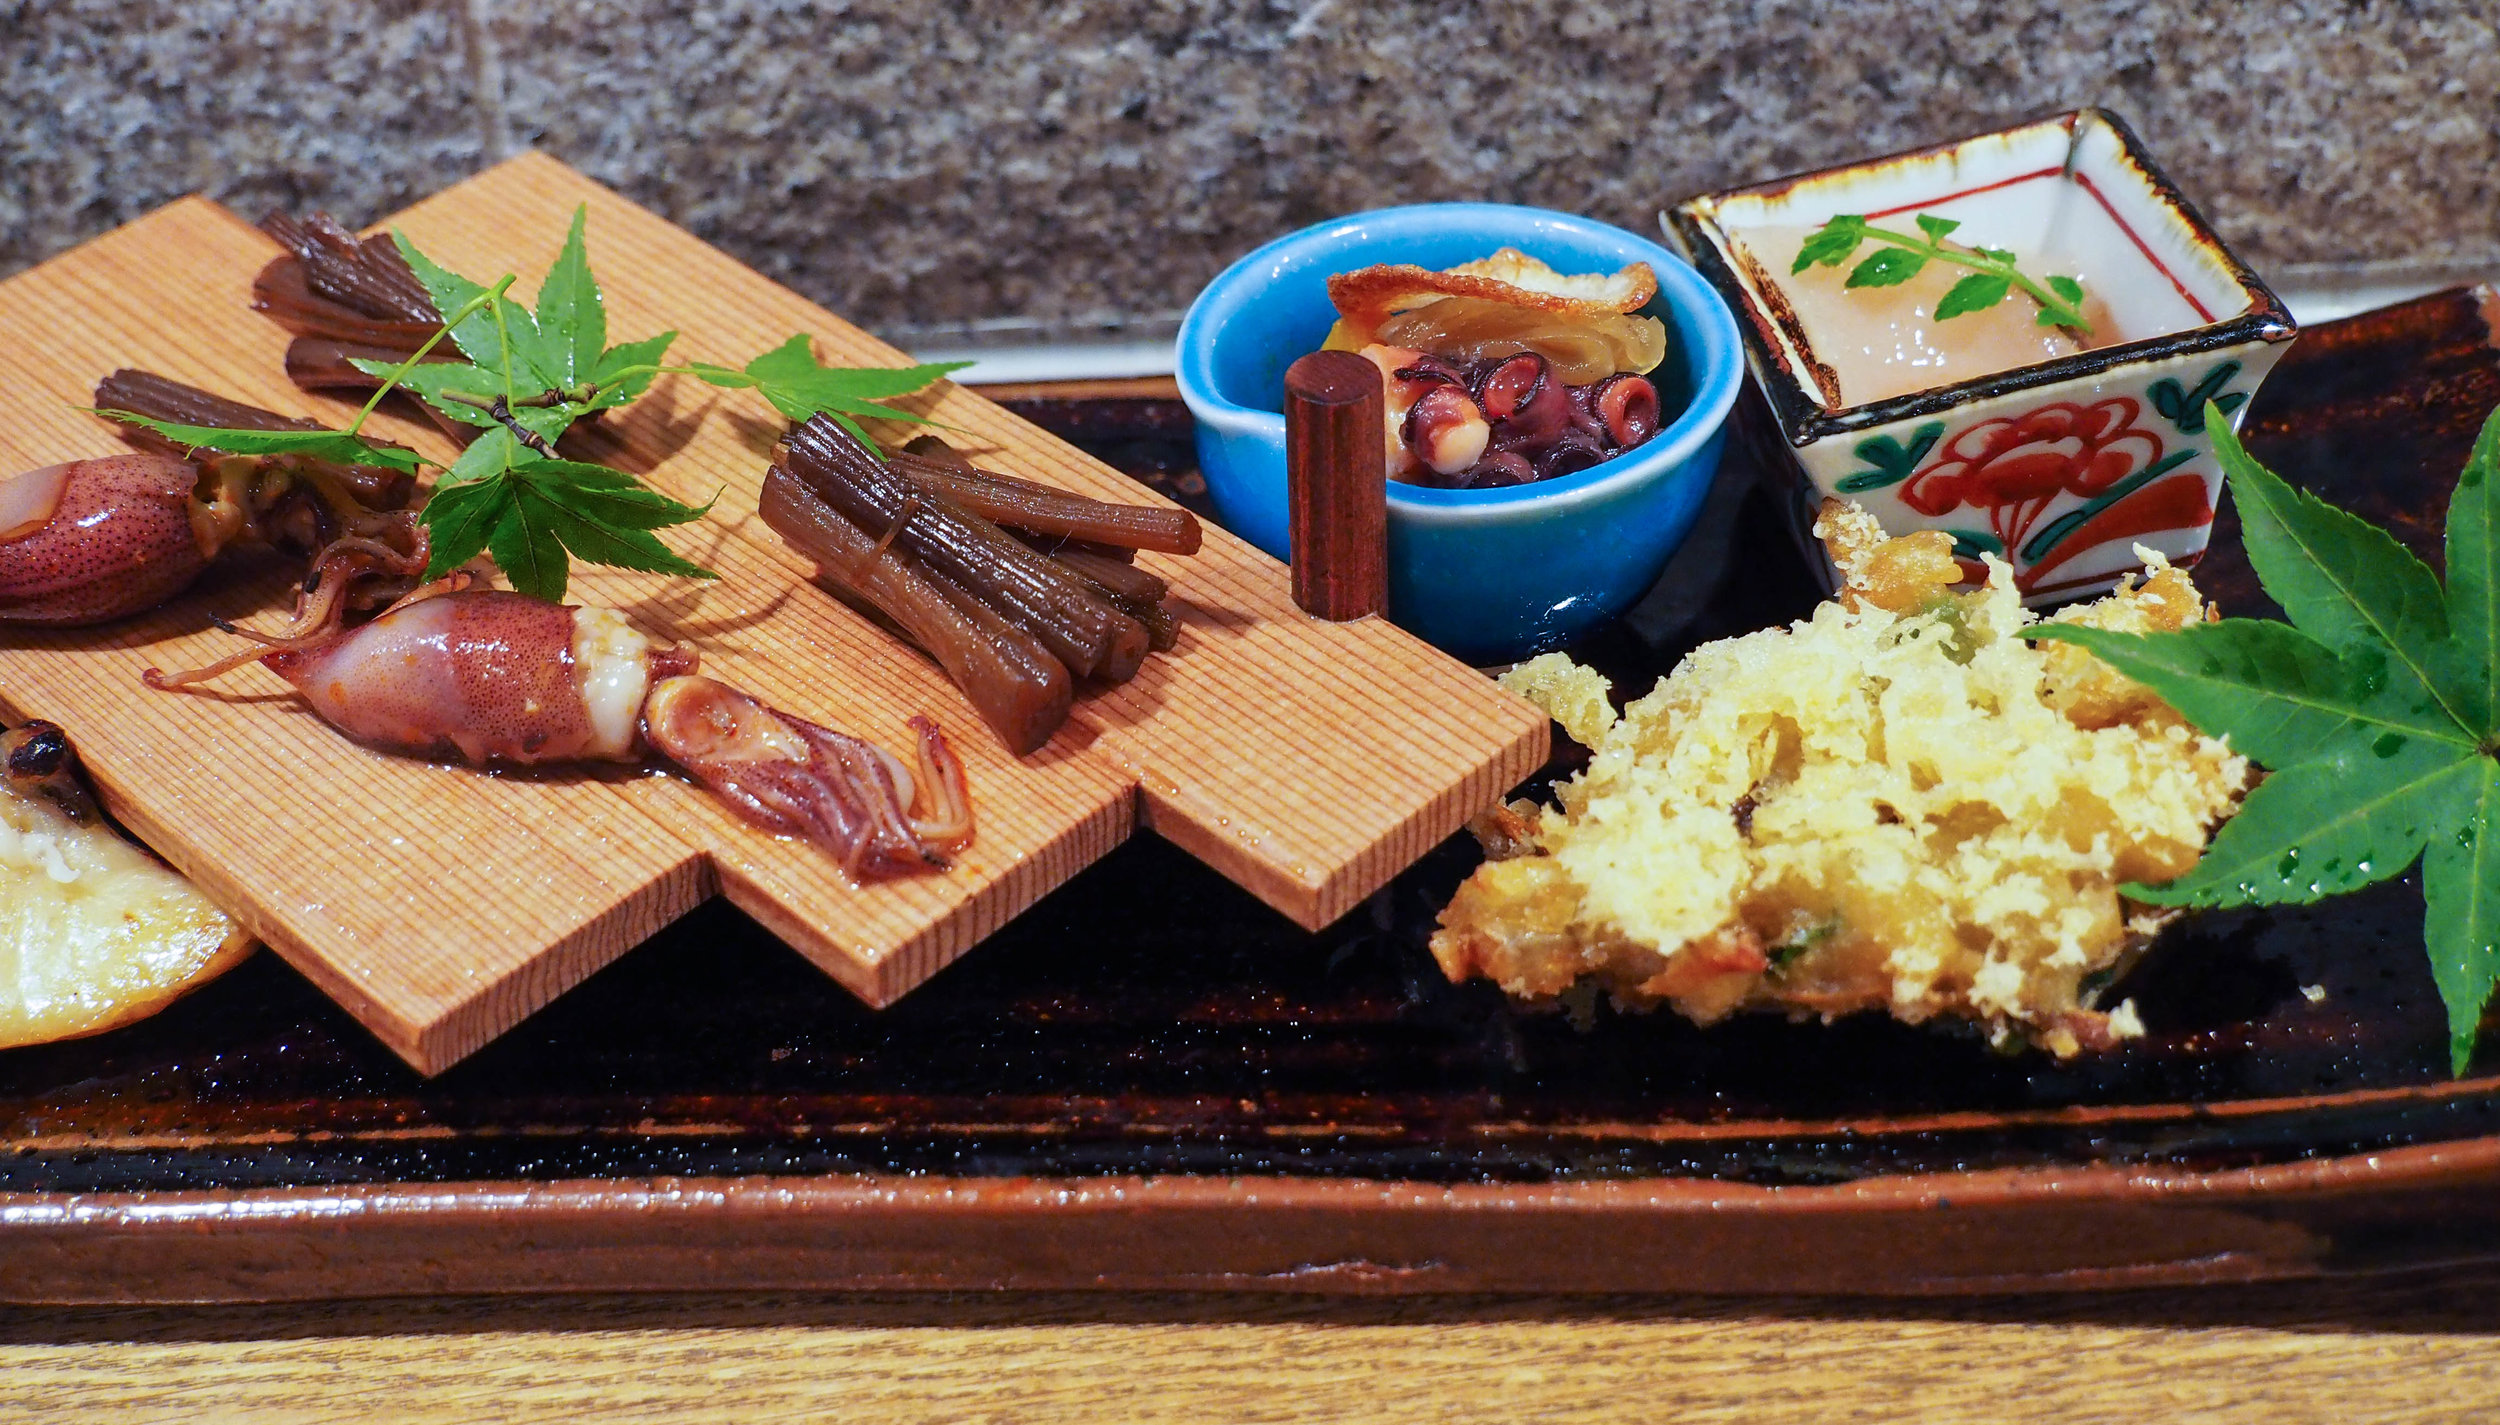 我们有一系列的金枪鱼三明治,用了一顿,用了一顿,用金枪鱼,吃了一碗土豆,吃了一碗土豆!